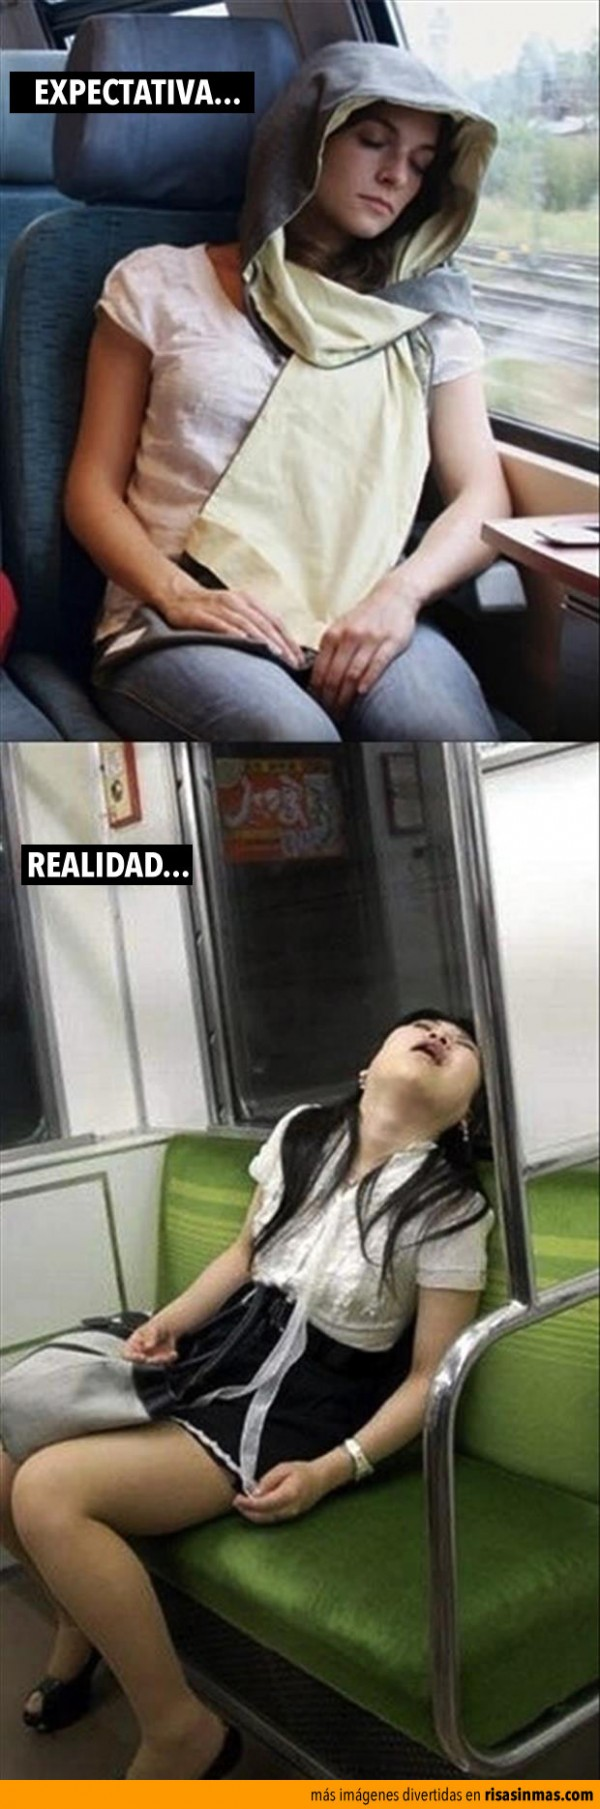 Expecativa vs Realidad: durmiendo